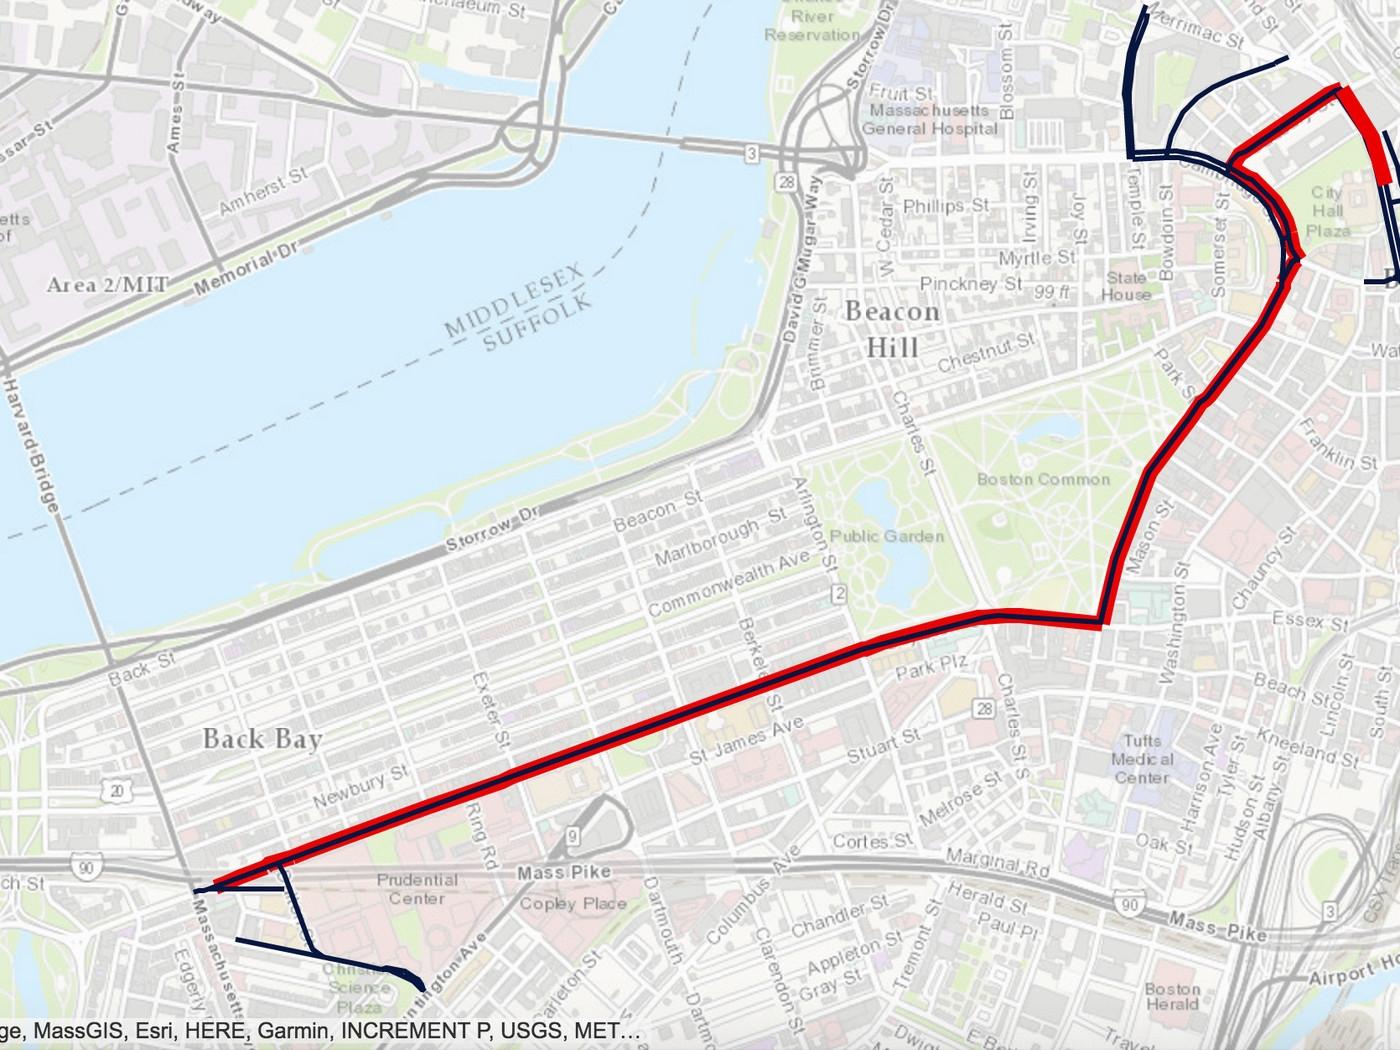 Patriots Super Bowl Parade 2017: Map, Route, And Road regarding Atlanta Super Bowl Road Closures Map